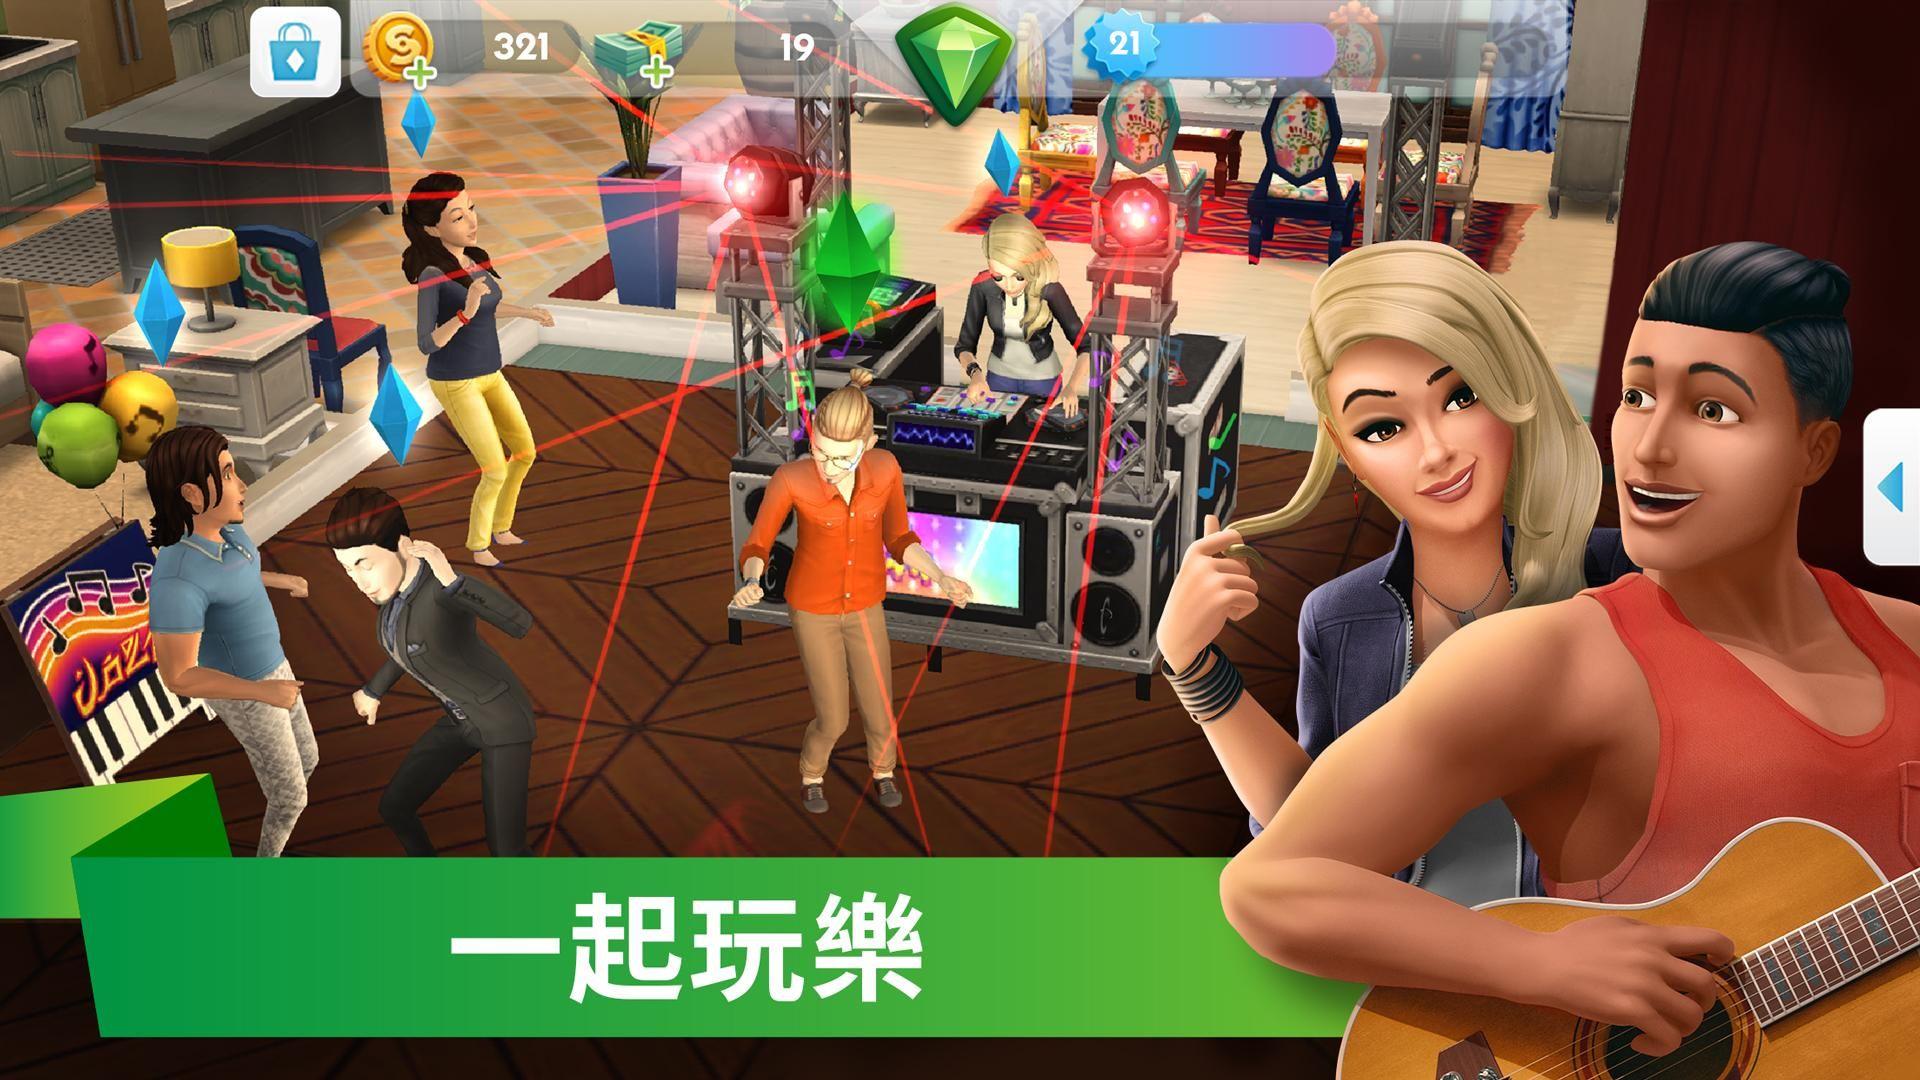 模拟人生移动版 游戏截图5